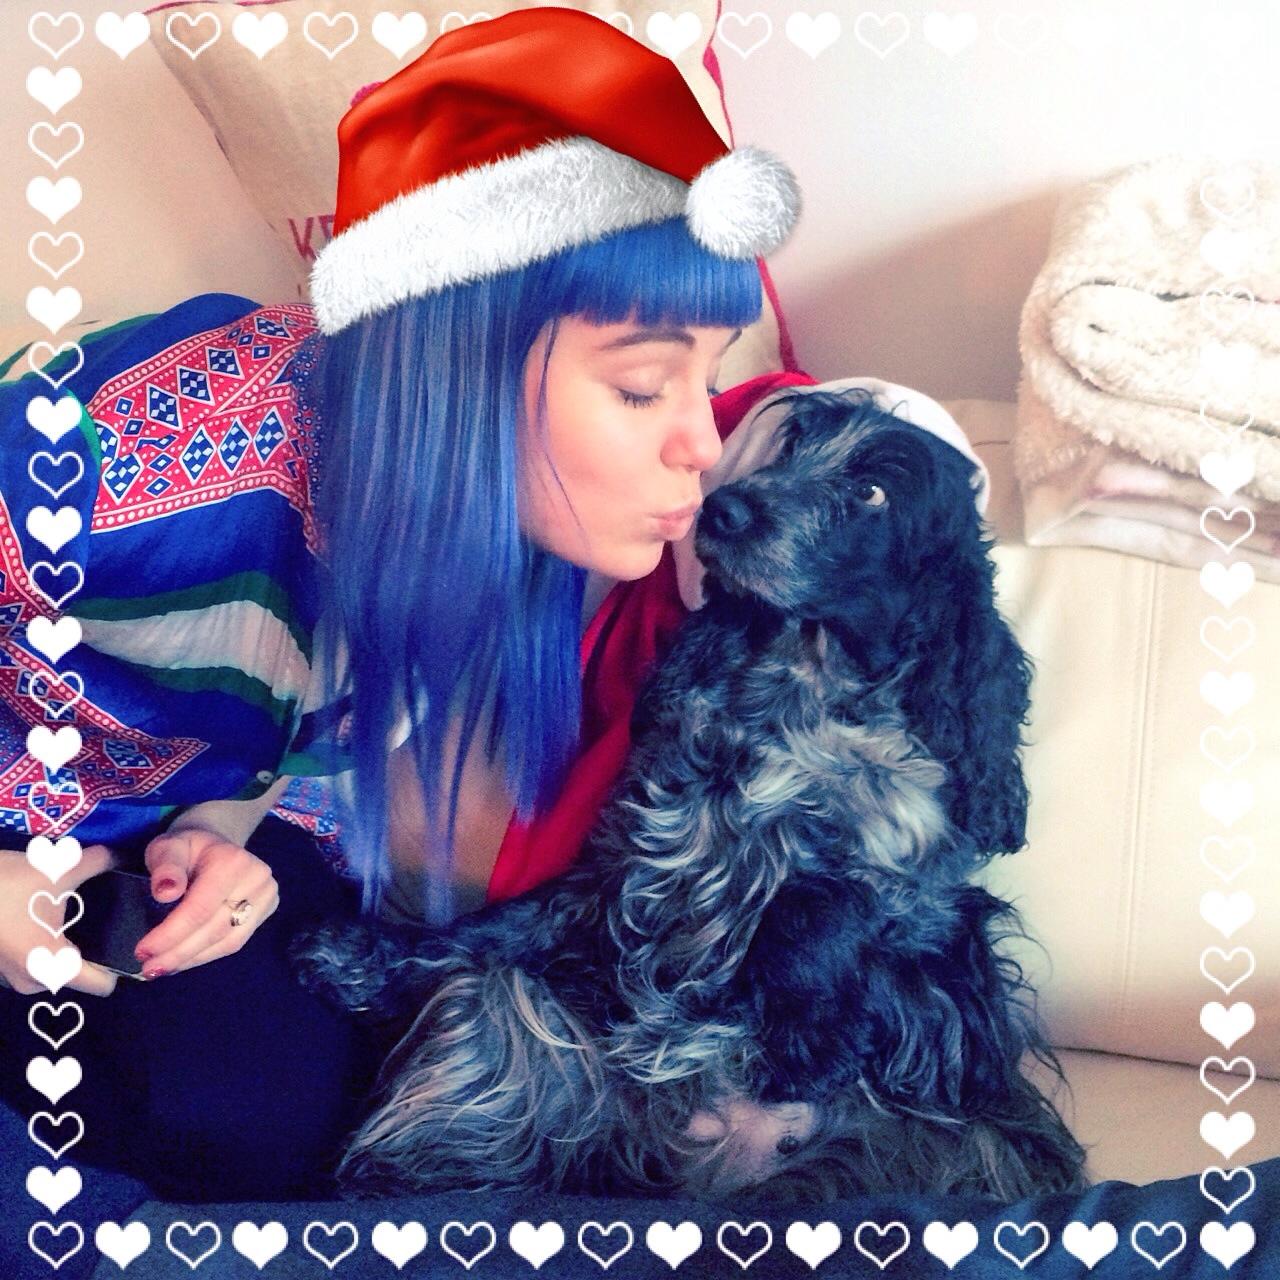 Ji Nilsson's Magical Christmas